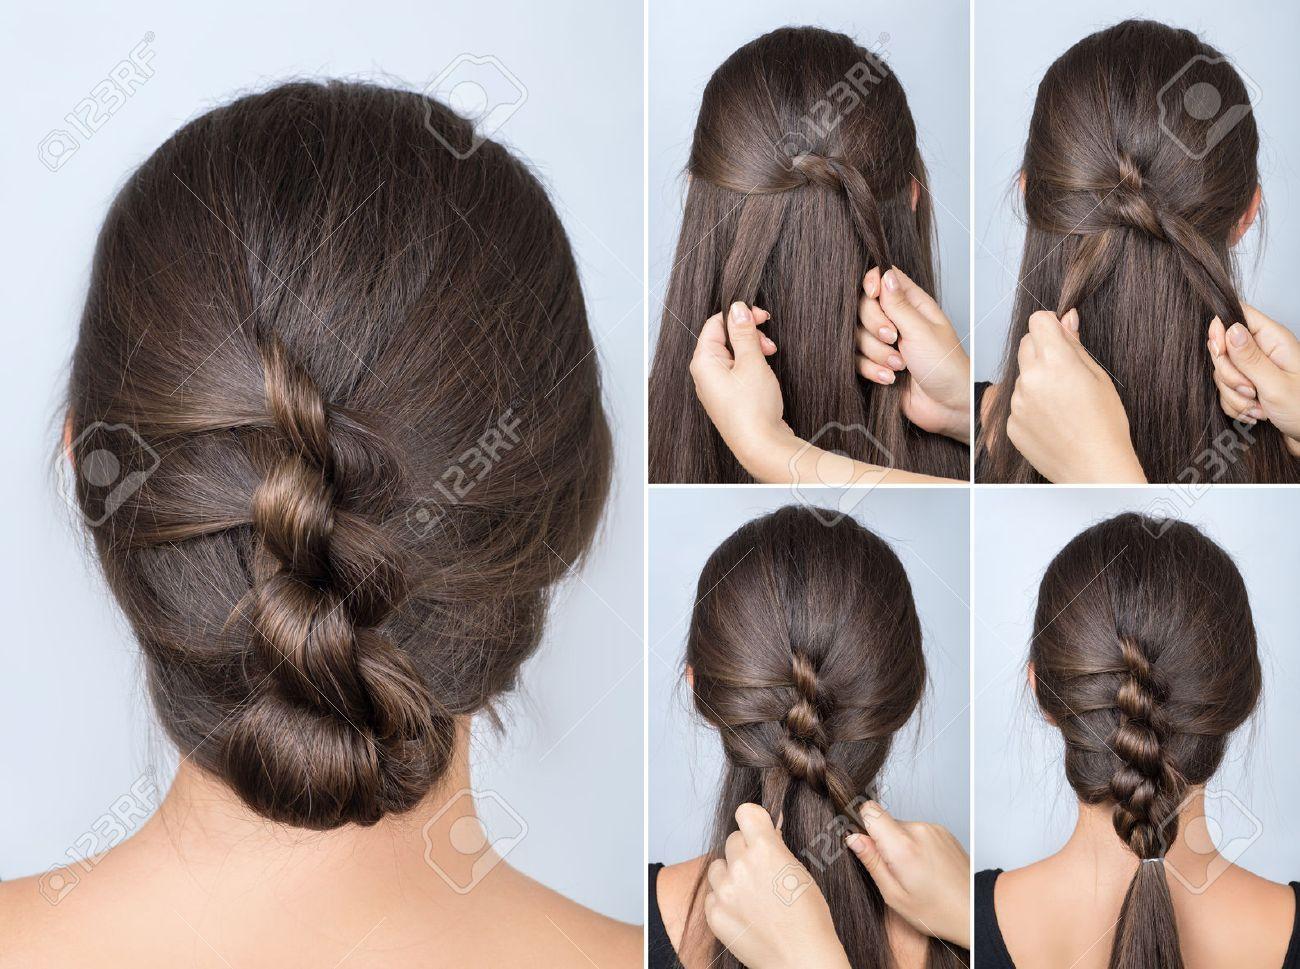 Simple Twisted Hairstyle Tutorial Easy Hairstyle For Long Hair Hairstyle Of Twisted Knots Hairstyle Tutorial Stoc Mit Bildern Frisuren Frisur Hochgesteckt Neue Frisuren